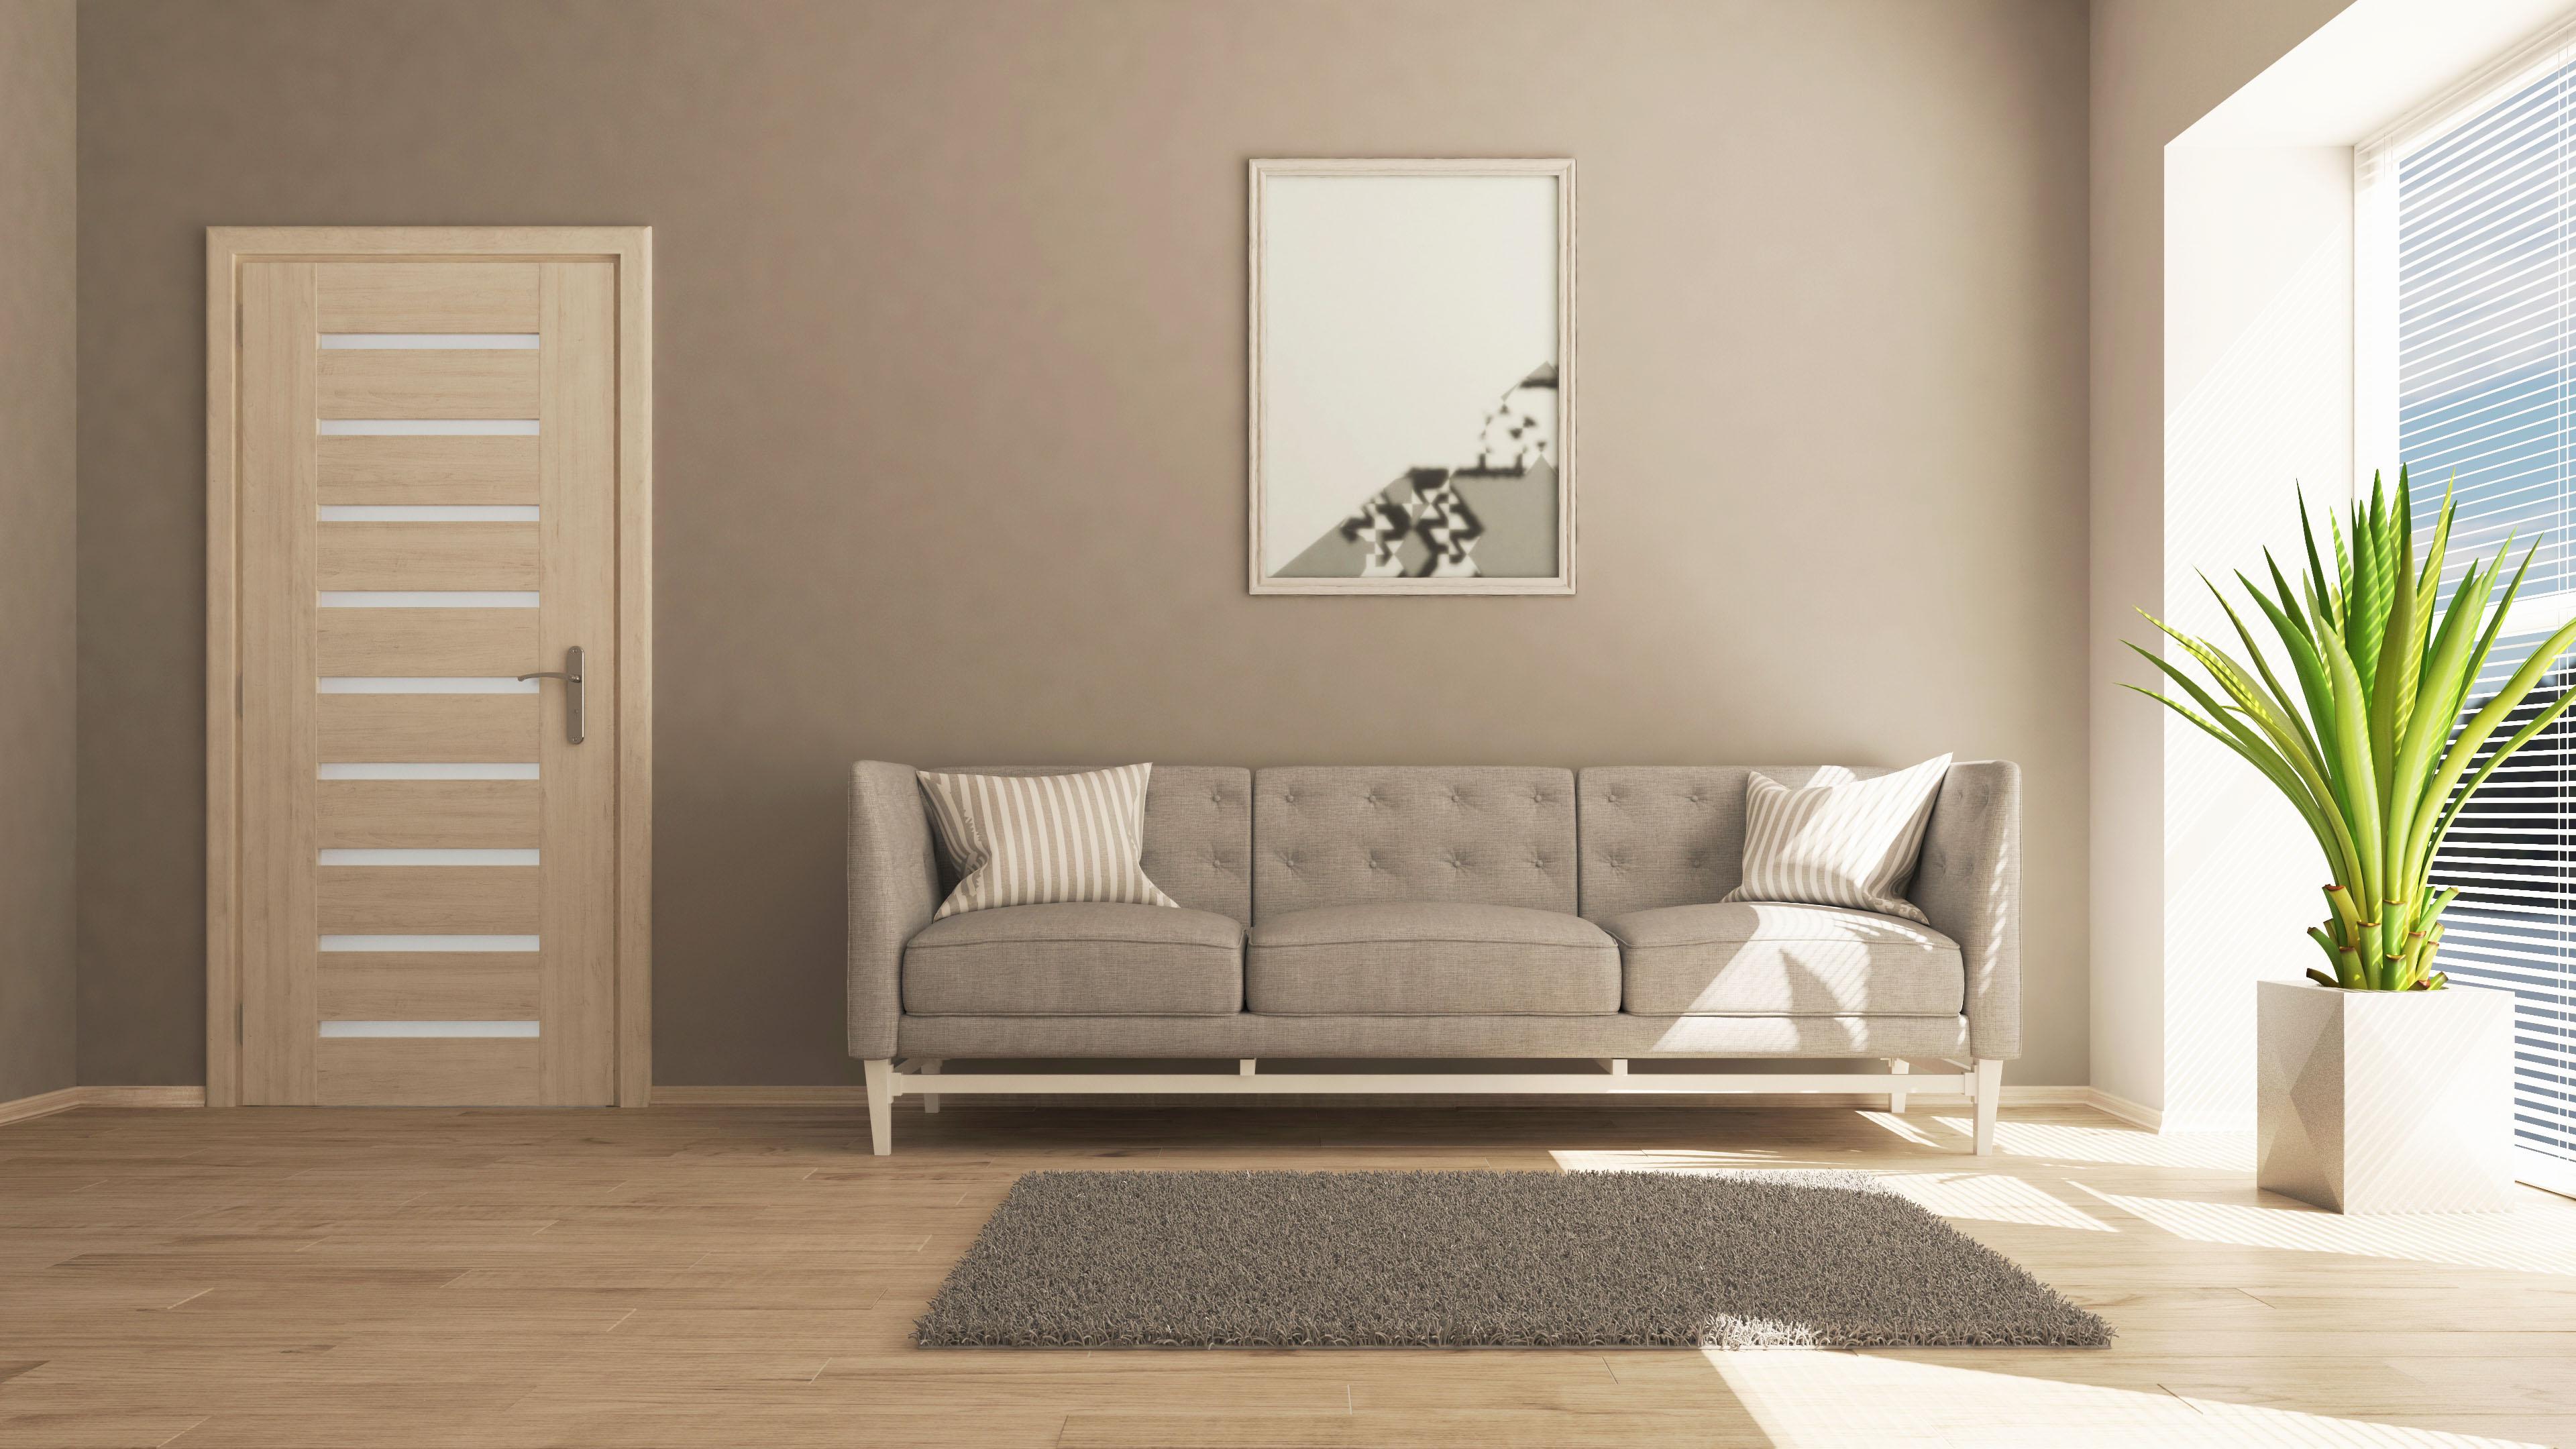 Qué colores elegir para pintar los ambientes de tu casa?